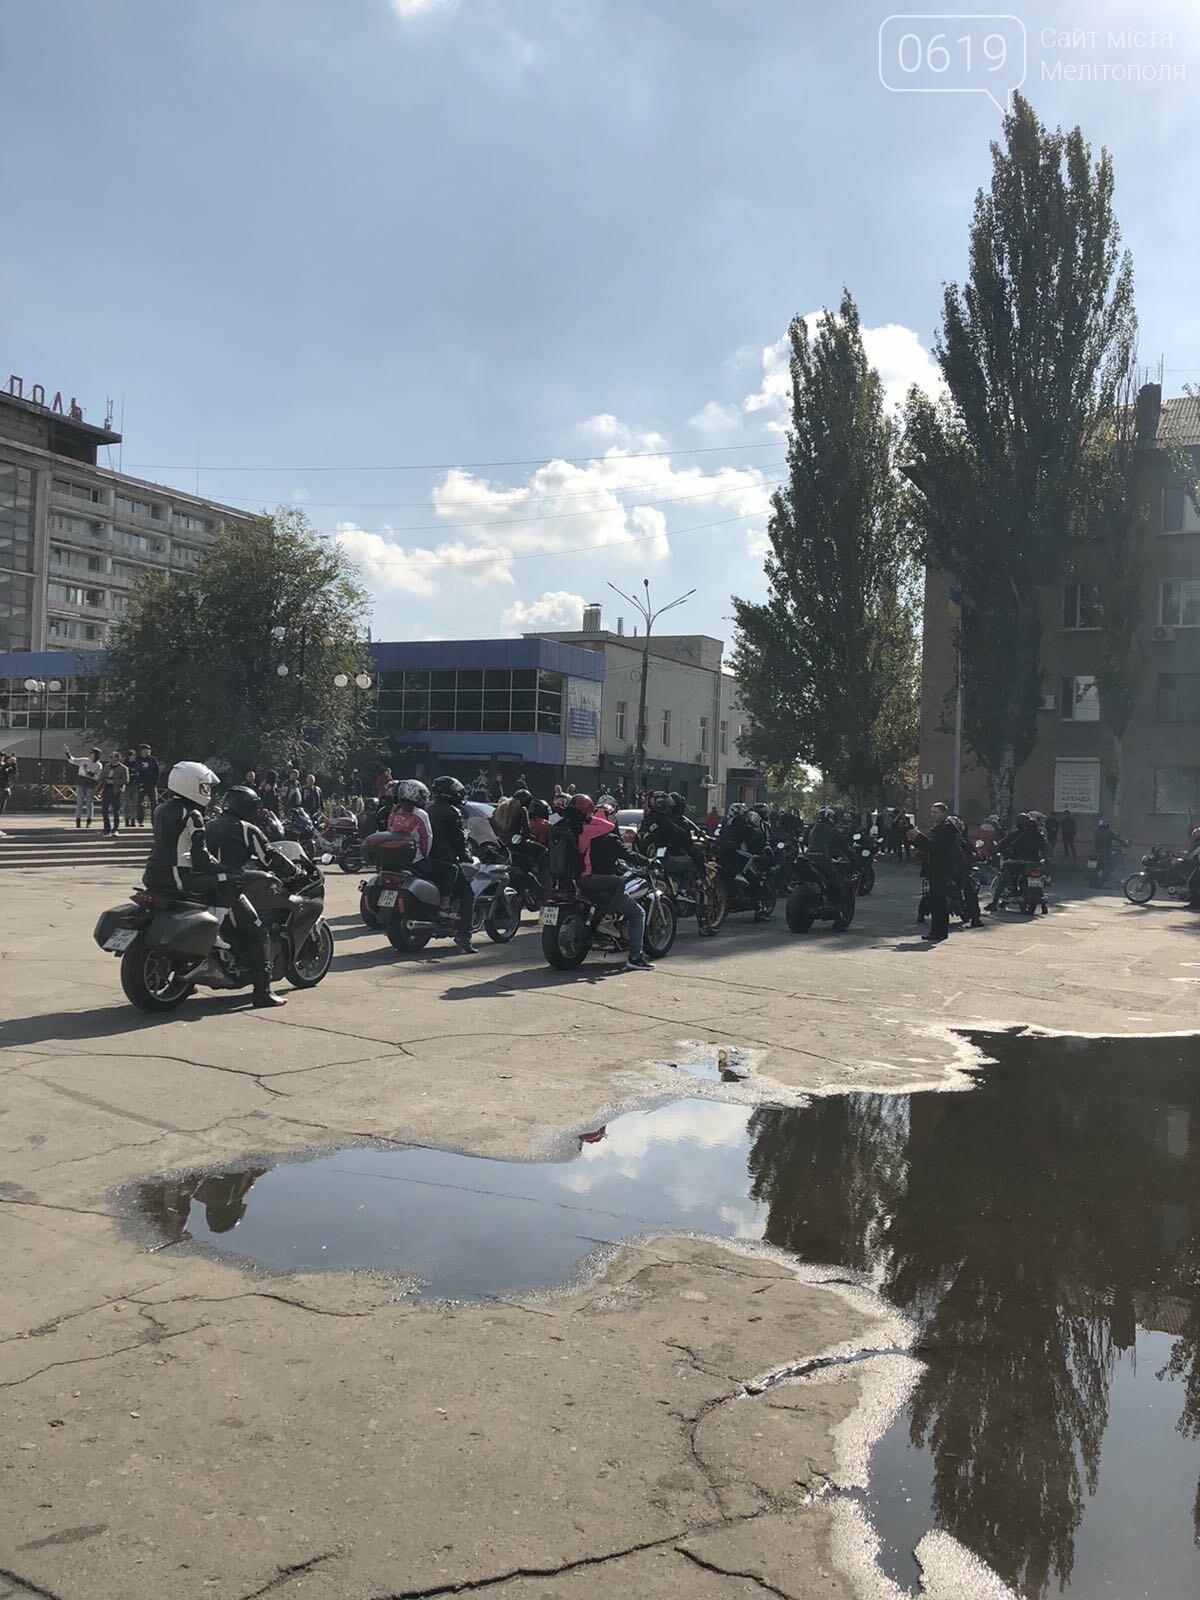 Байкеры проехали колонной по Мелитополю в честь закрытия мотосезона, - ФОТО, фото-7